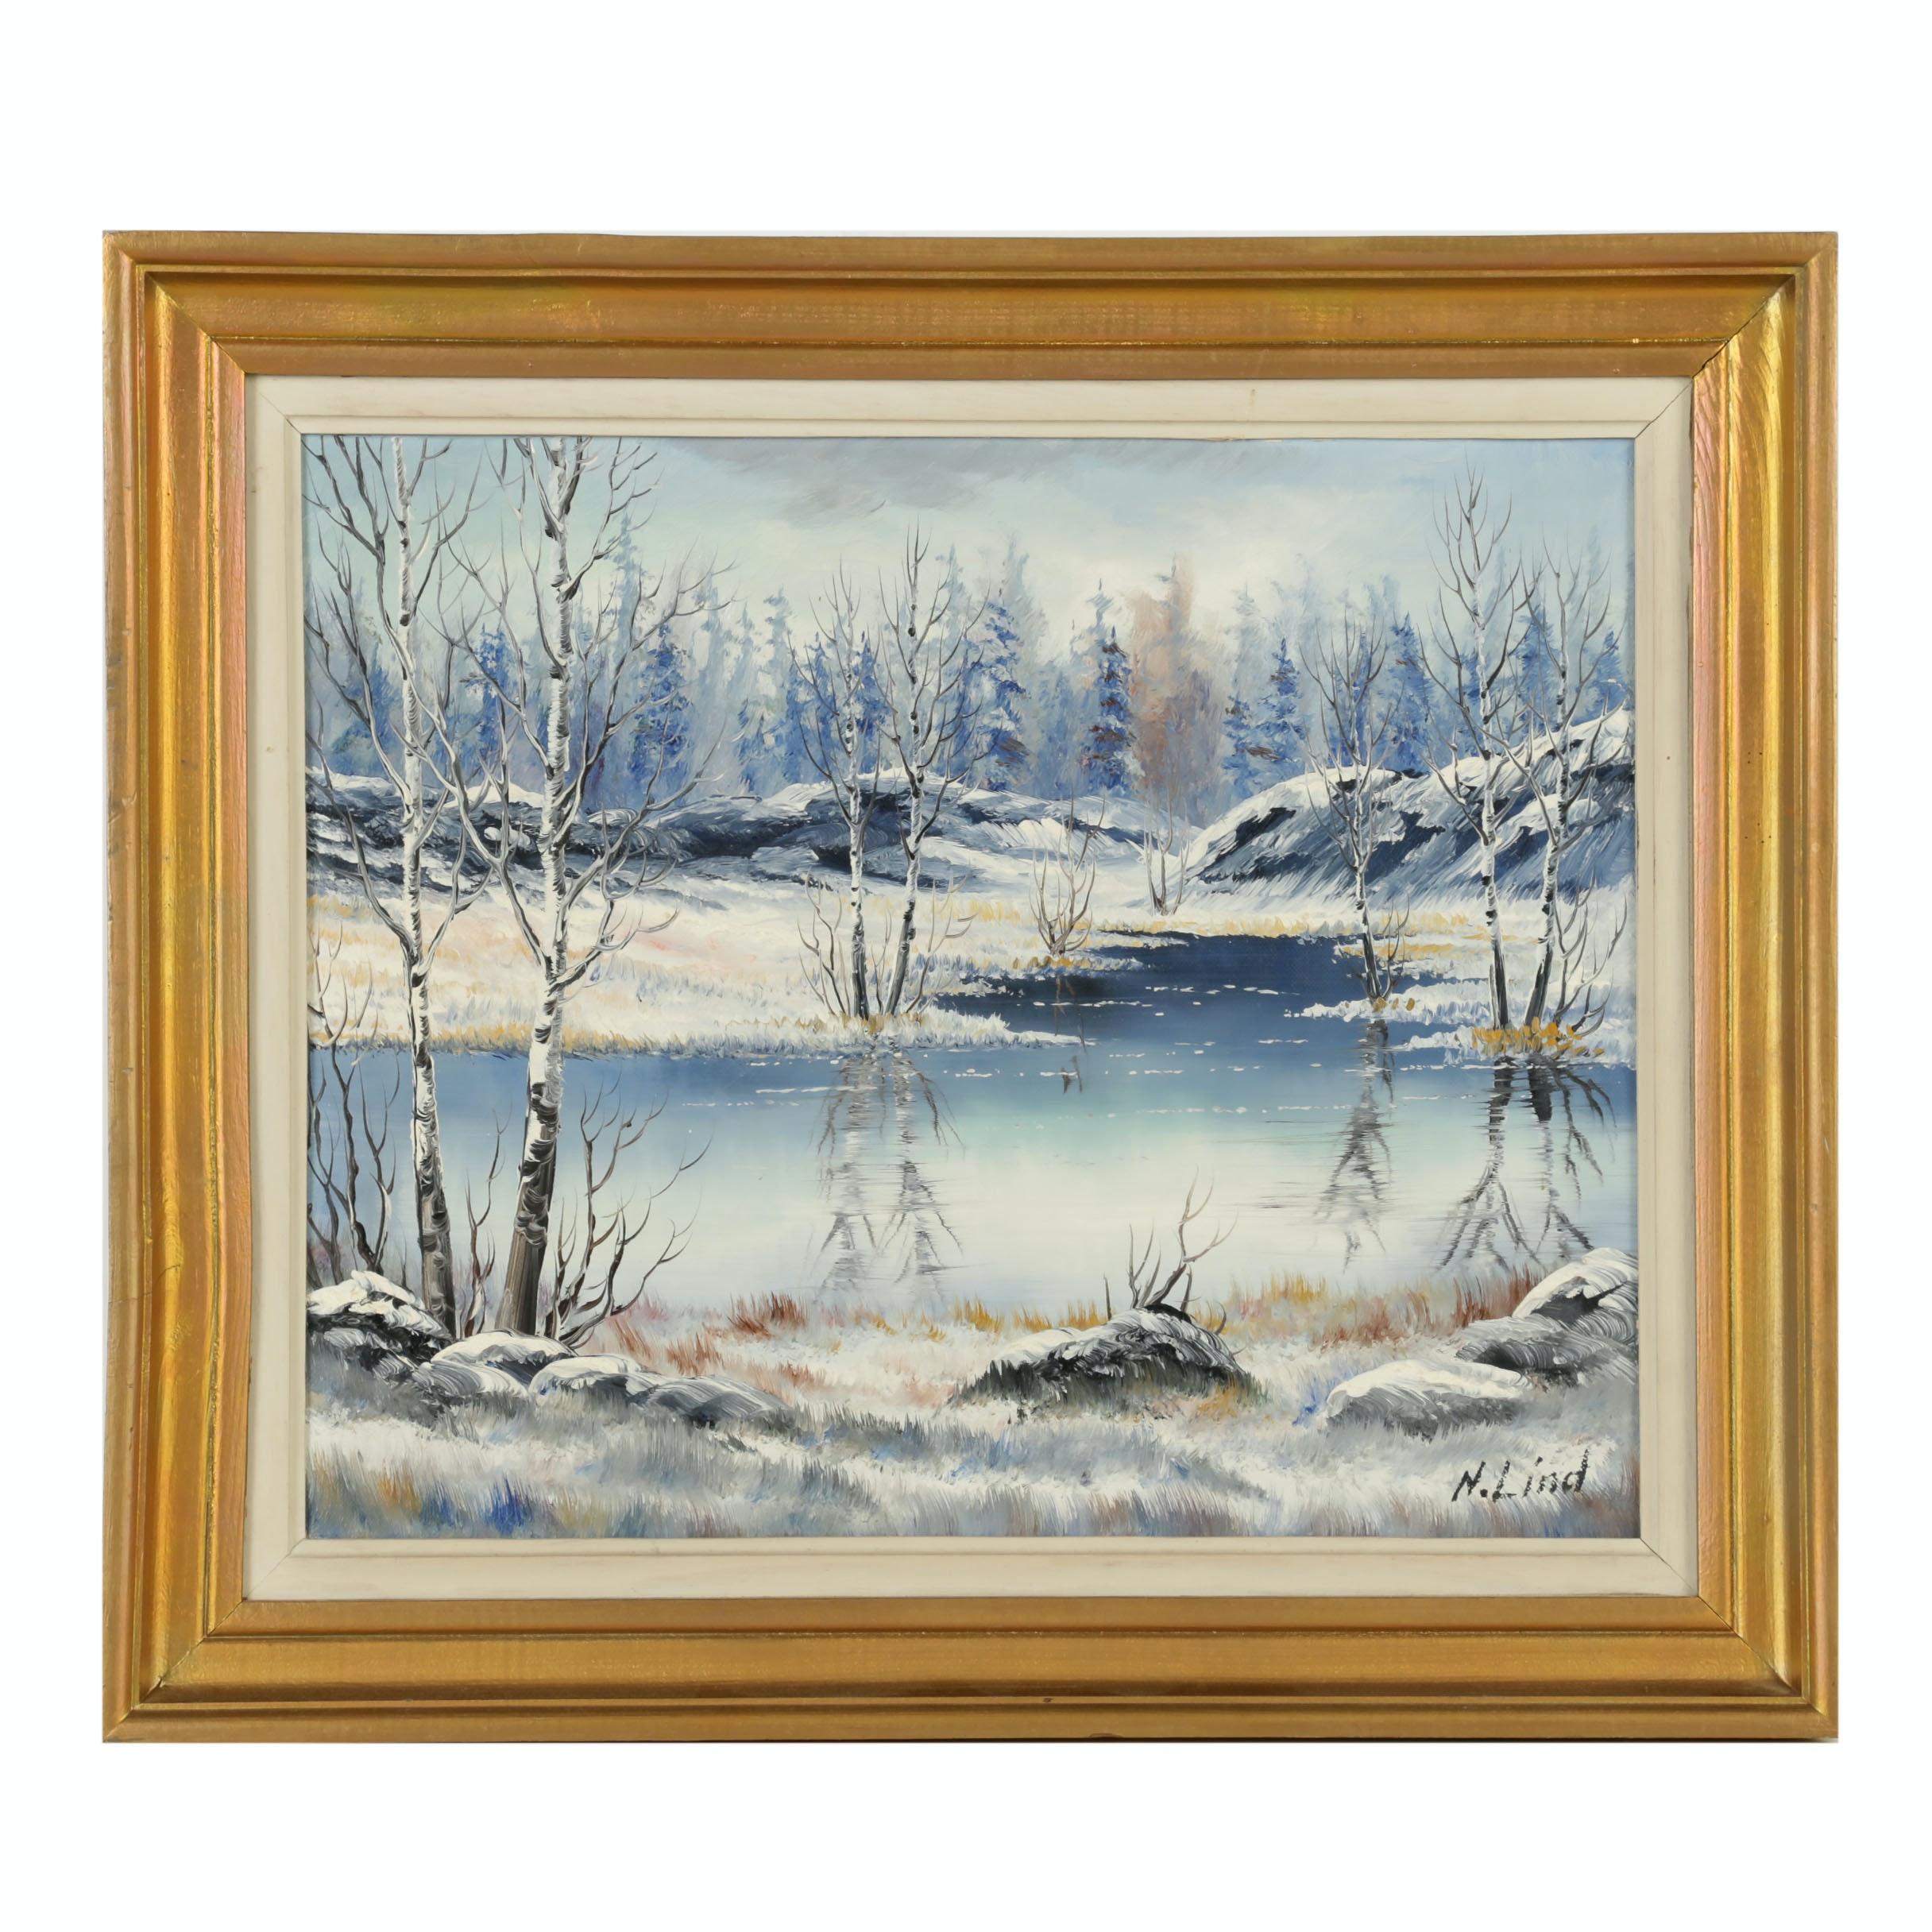 N. Lind Oil Painting